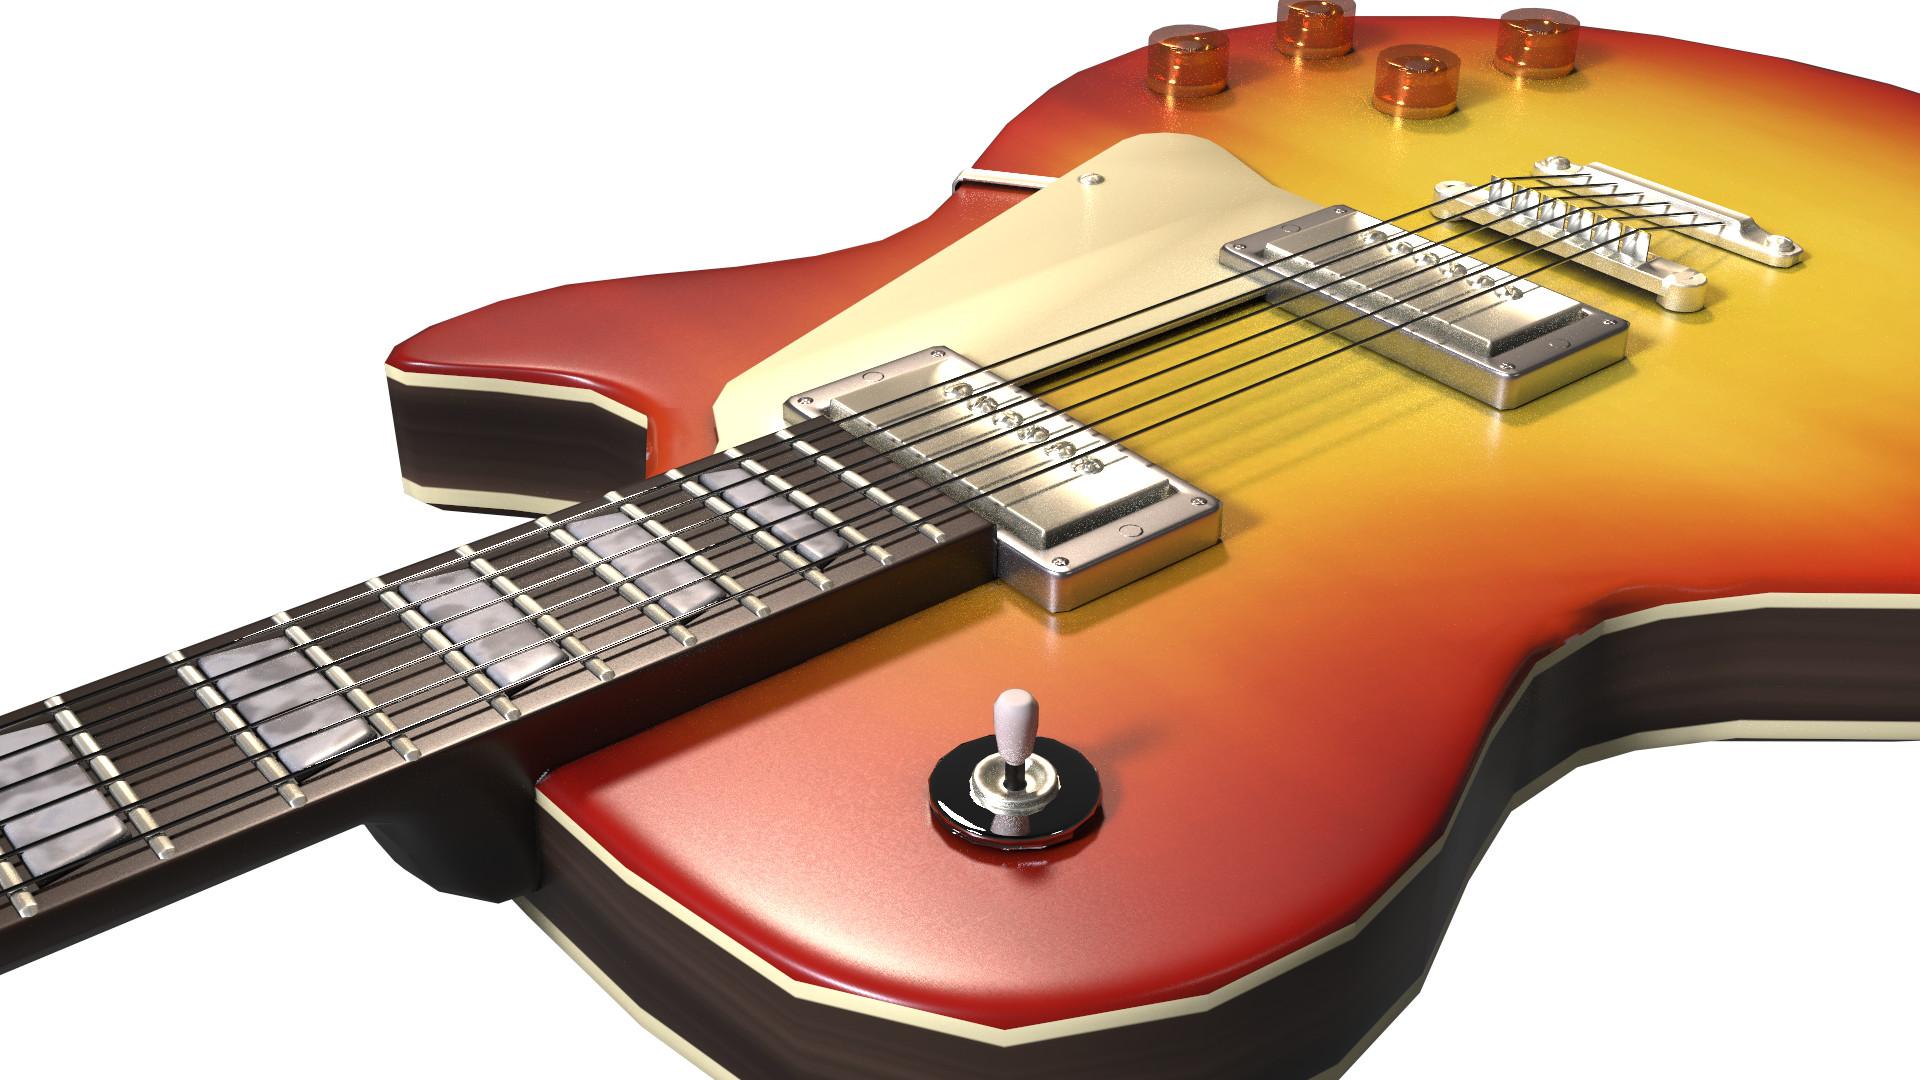 Matt young guitar02